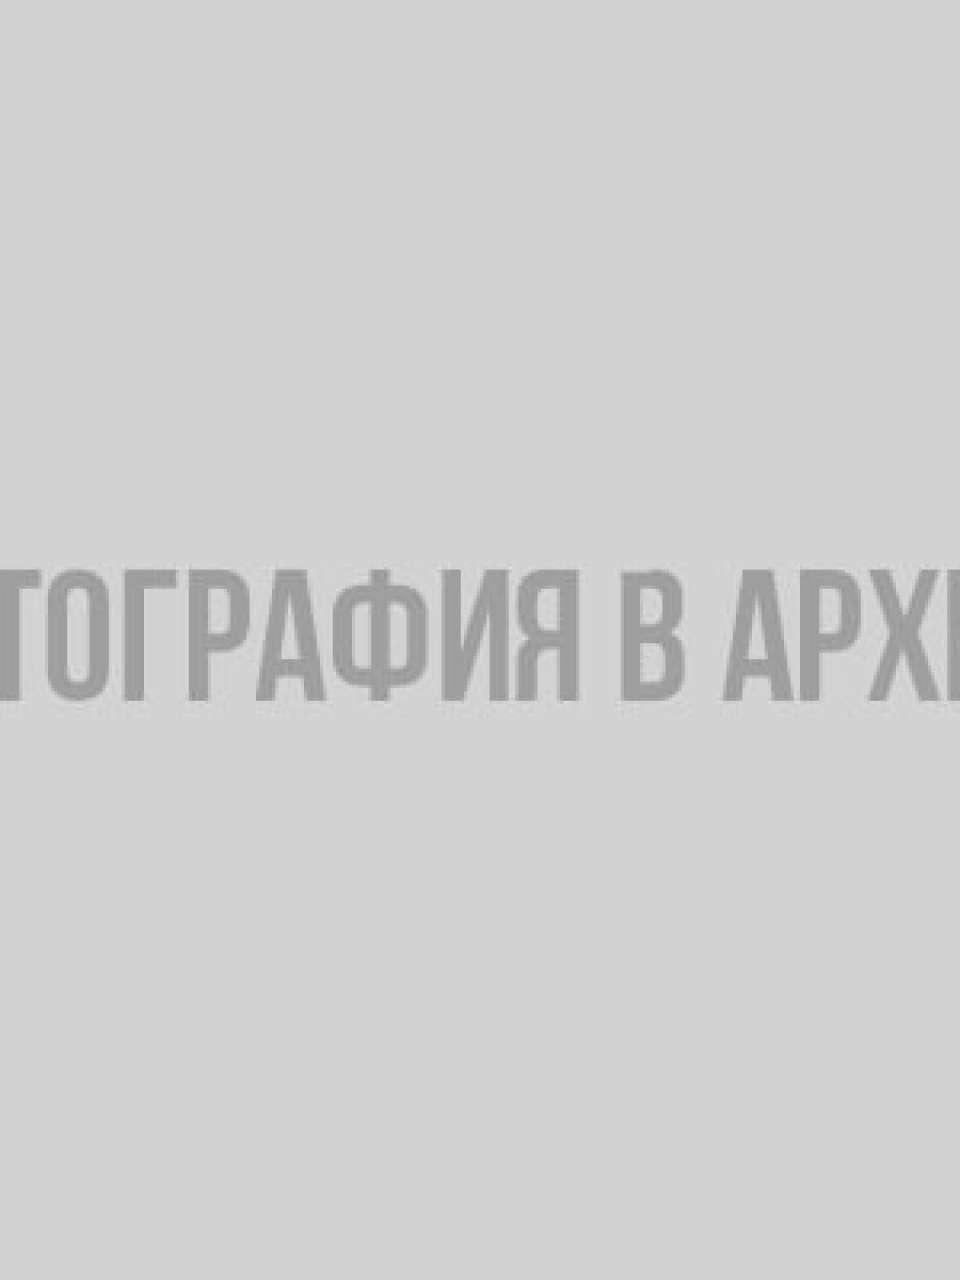 Подземный паркинг в Санкт-Петербурге превратился в подводный - фото Санкт-Петербург, Россияне, Россия, Подземные паркинги, Паркинги в Санкт-Петербурге, Паркинги в России, Паркинги, Наводнения